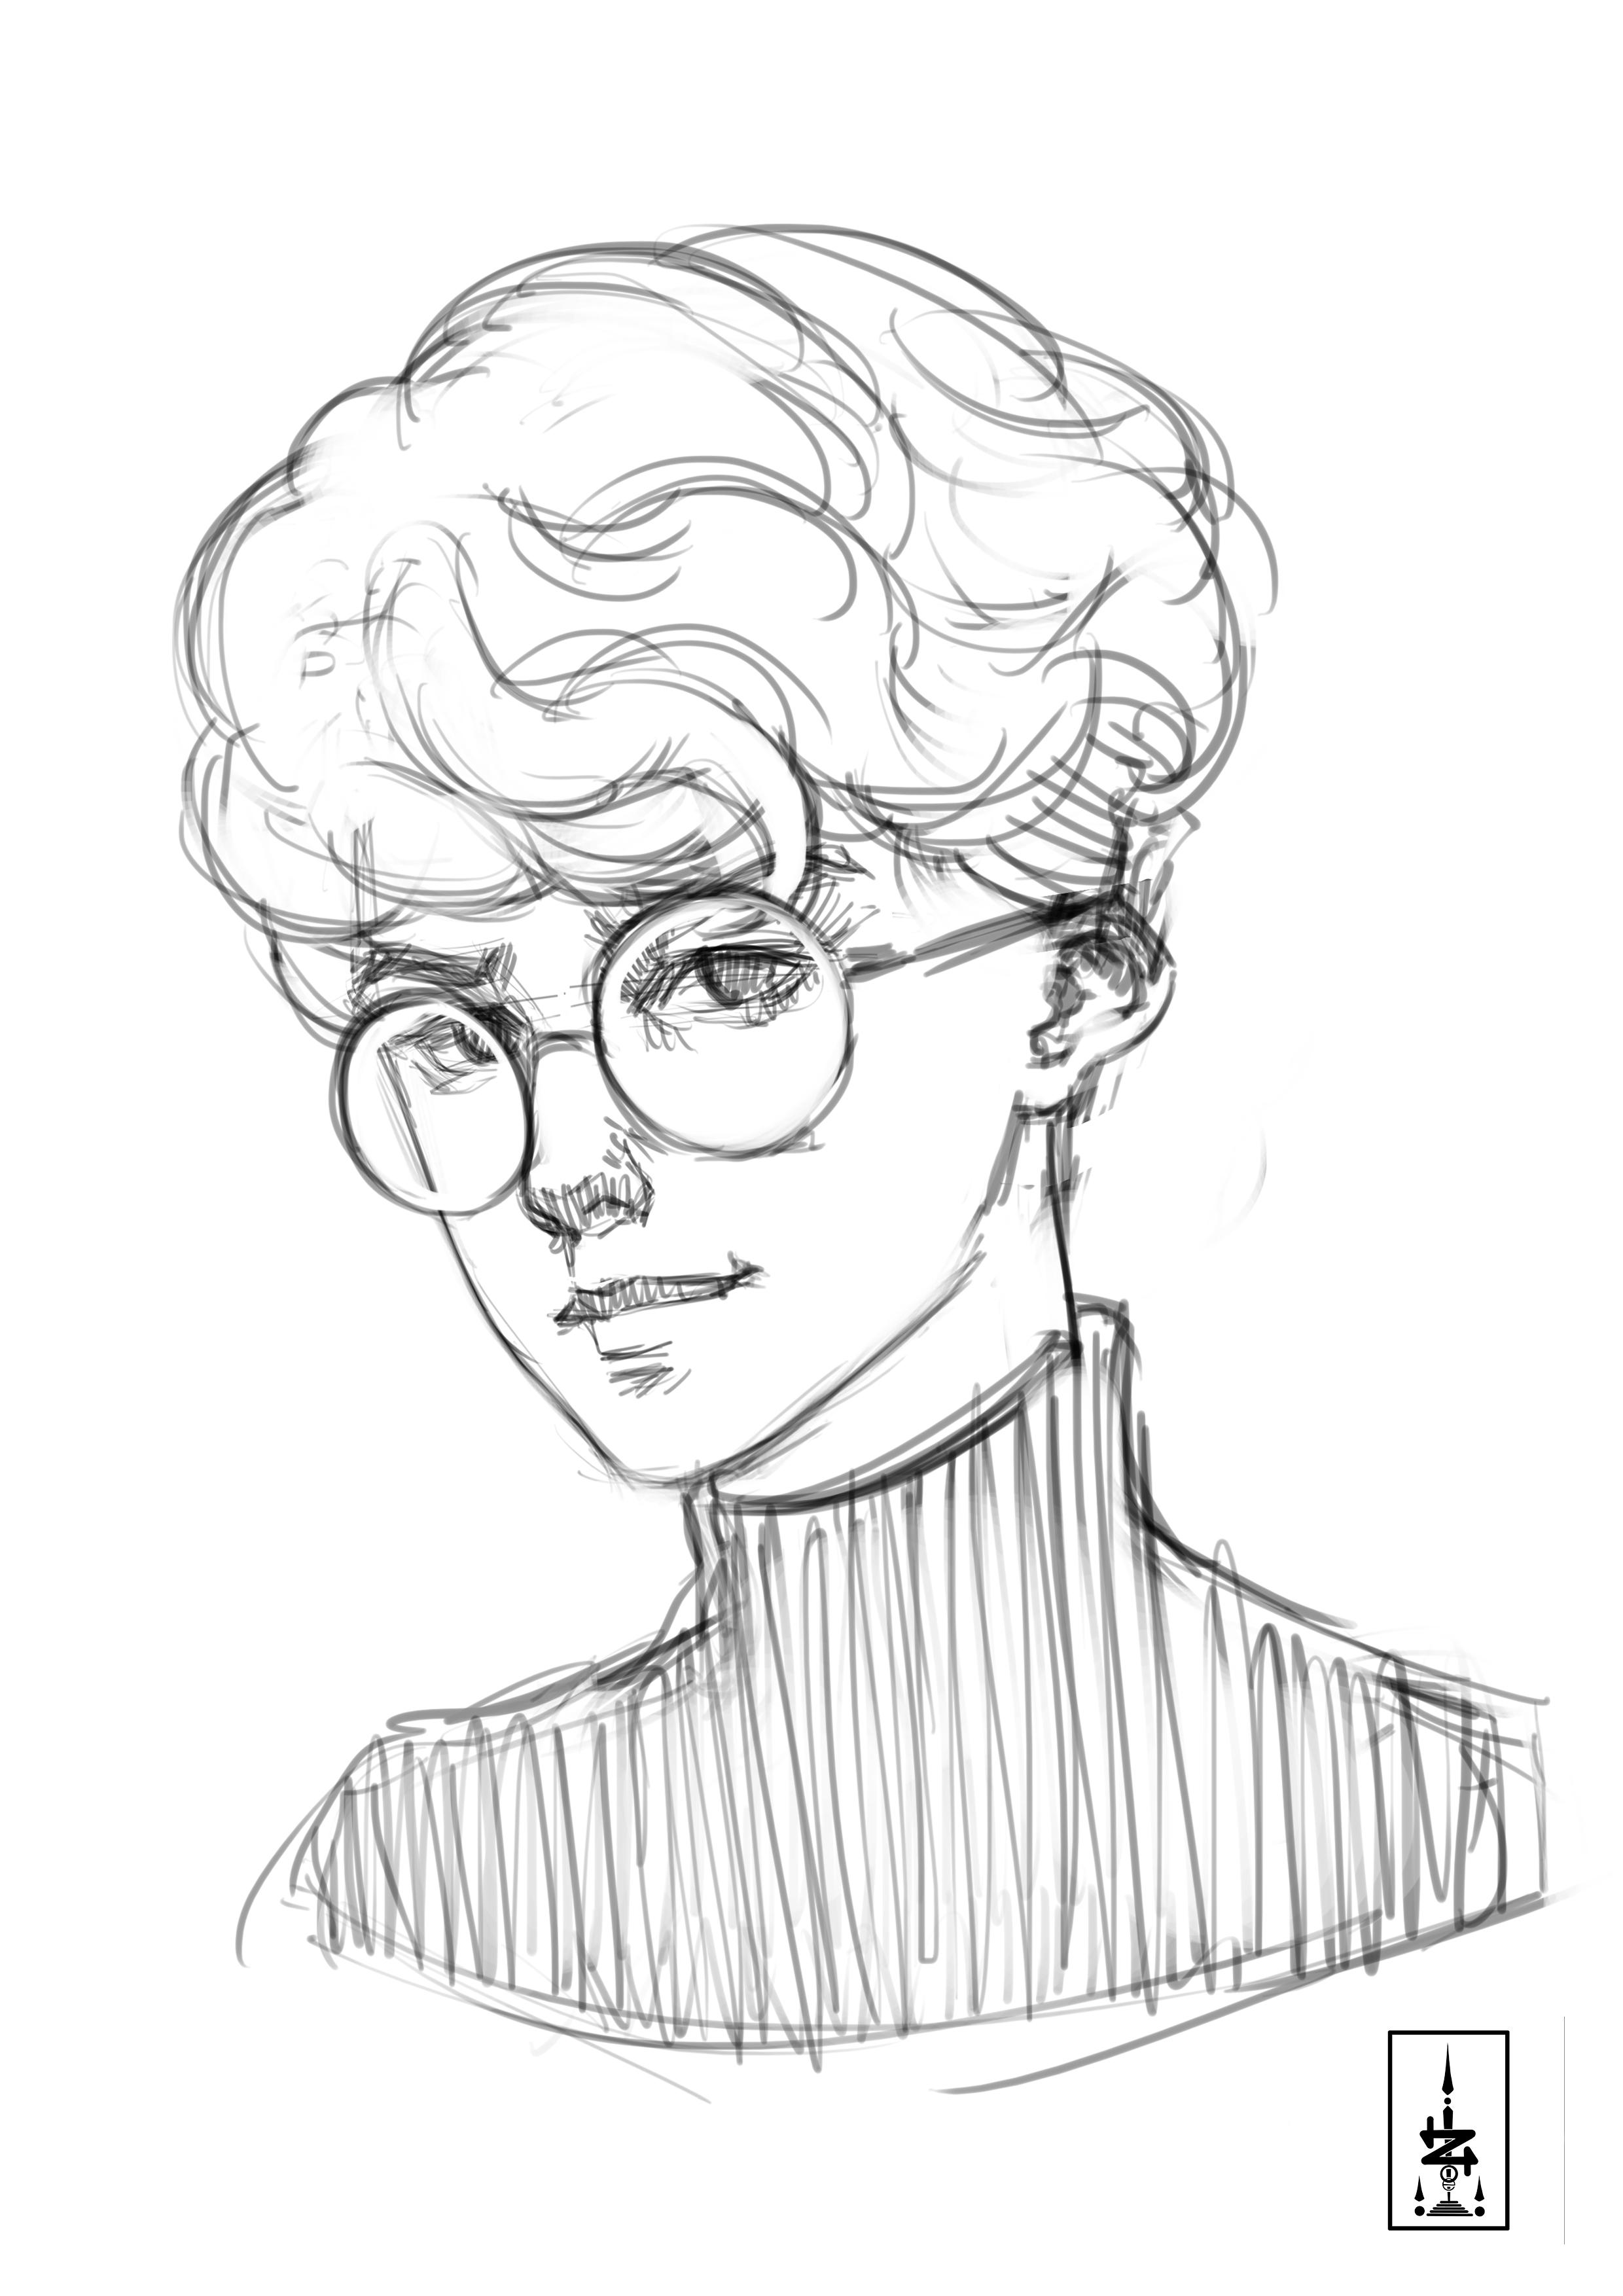 หนุ่มแว่น - หนุ่มแว่น